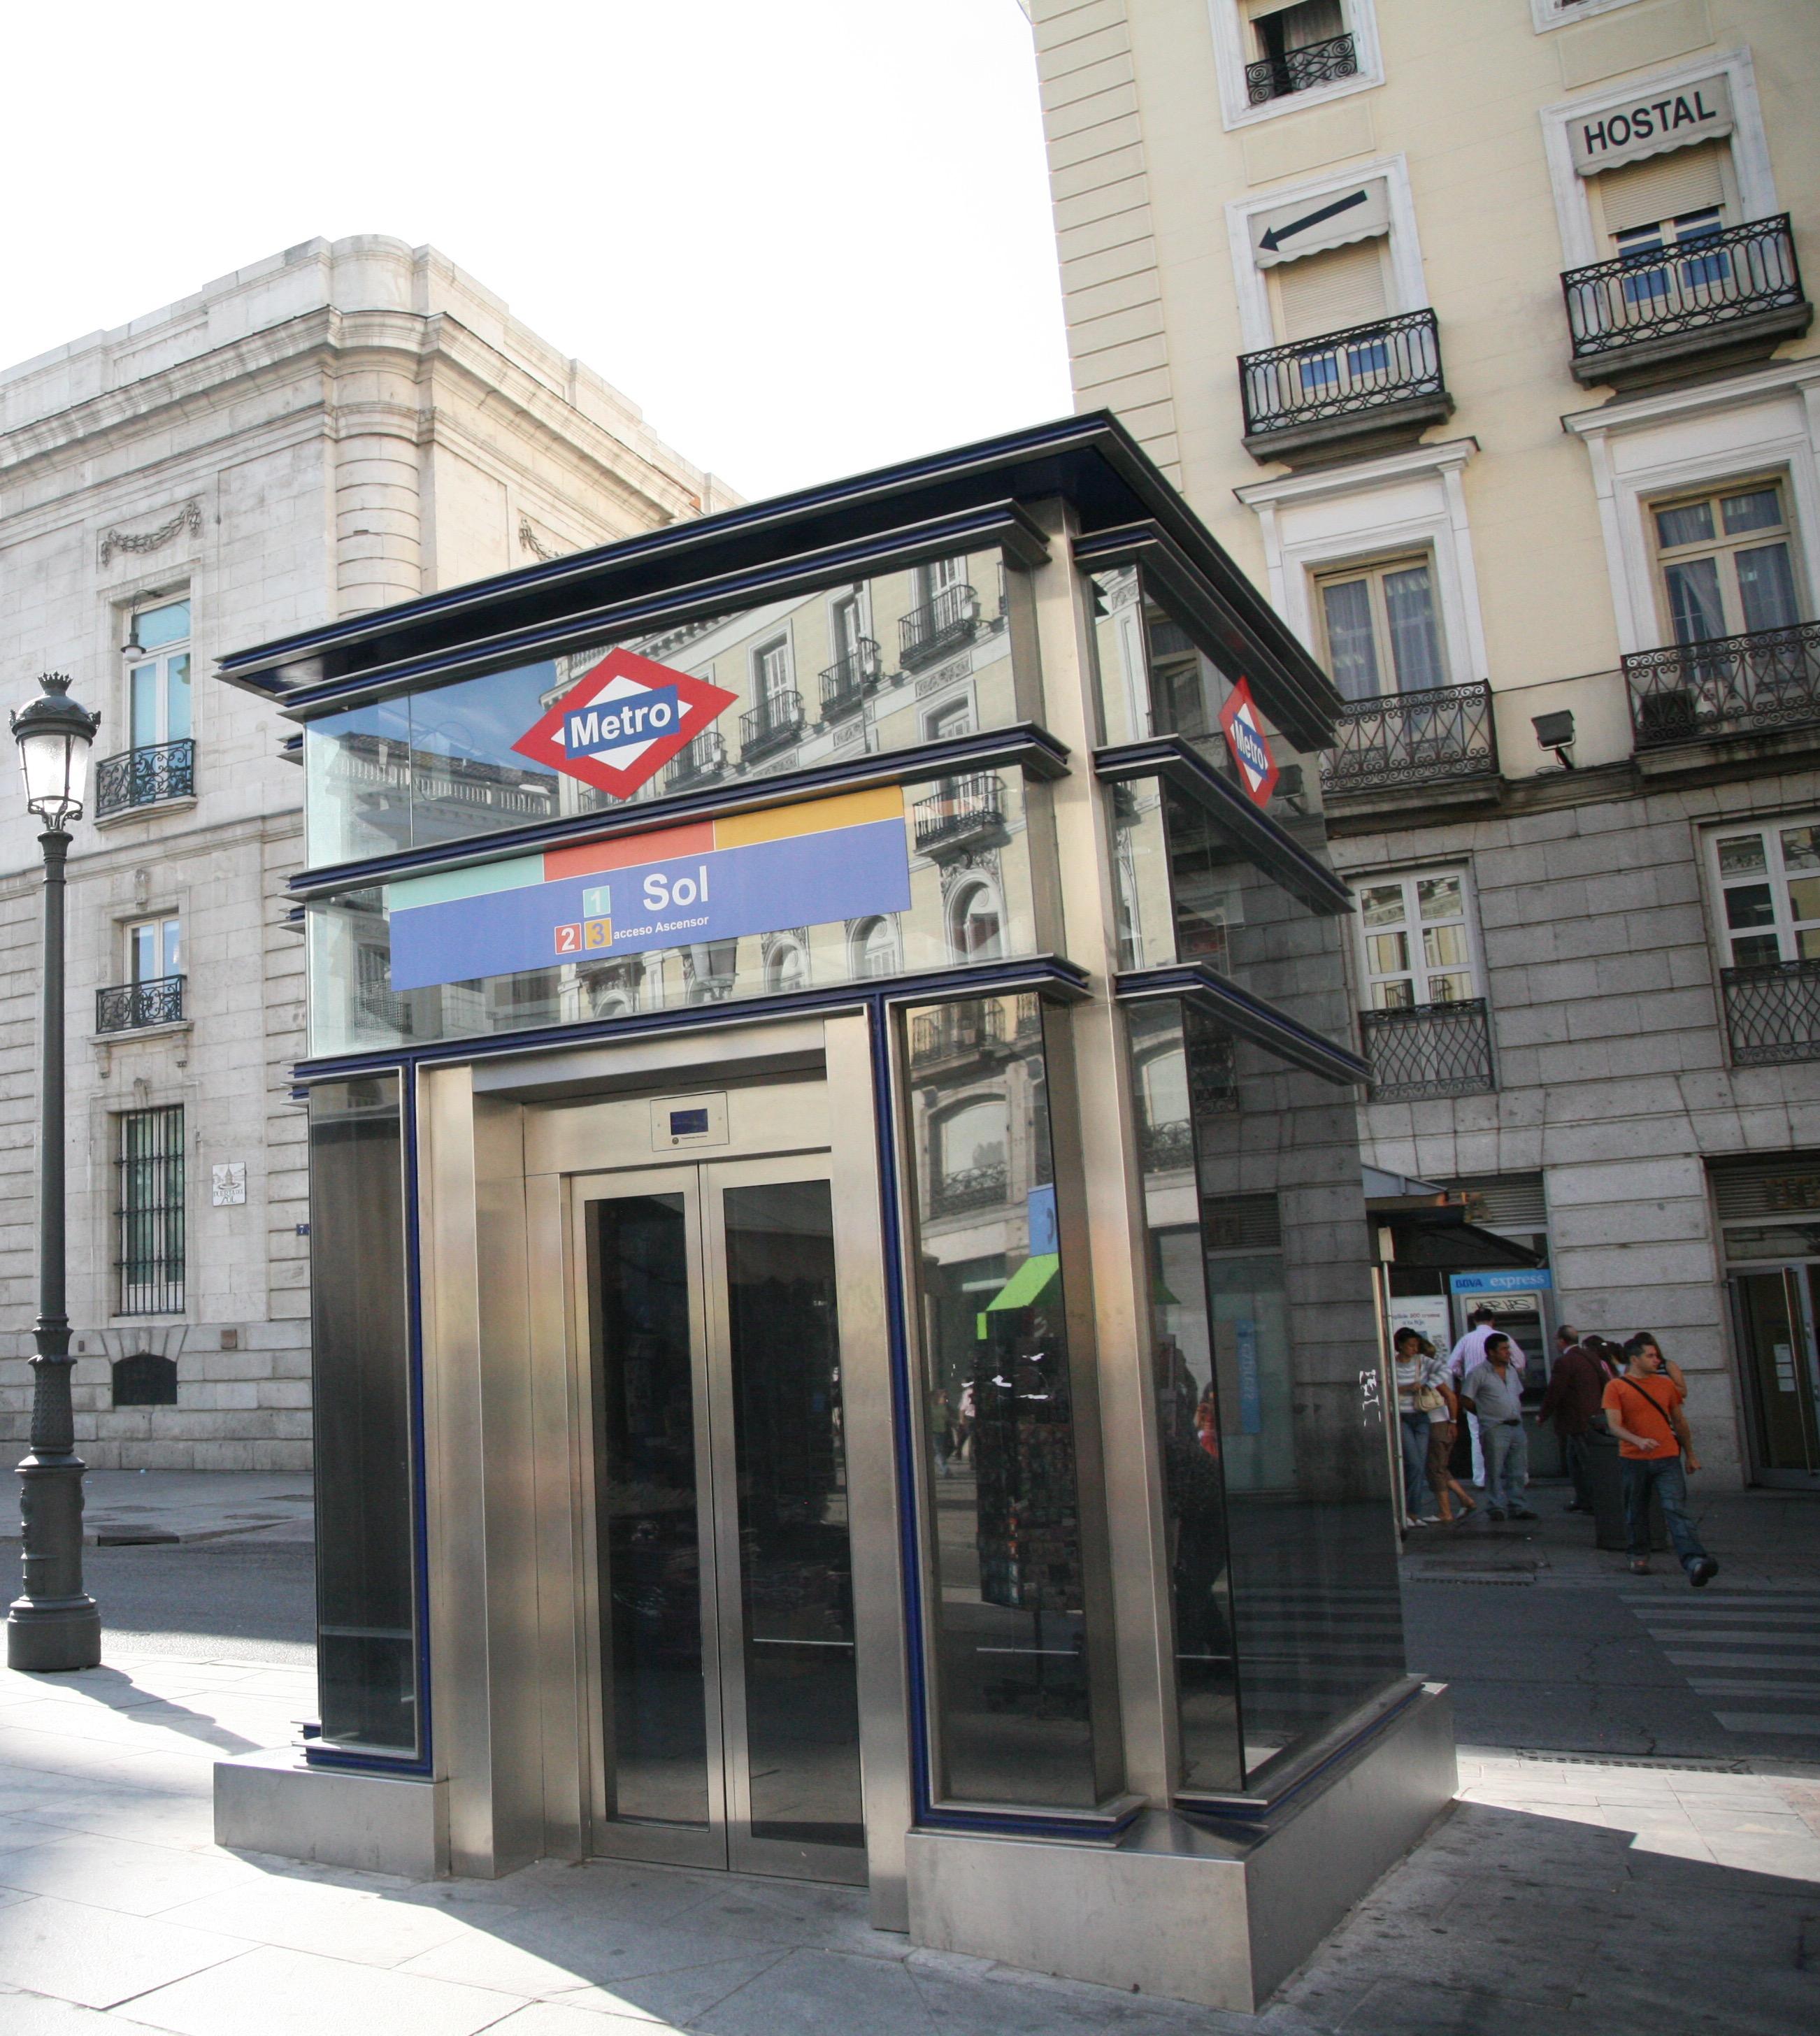 Ascensor de Metro en la Puerta del Sol